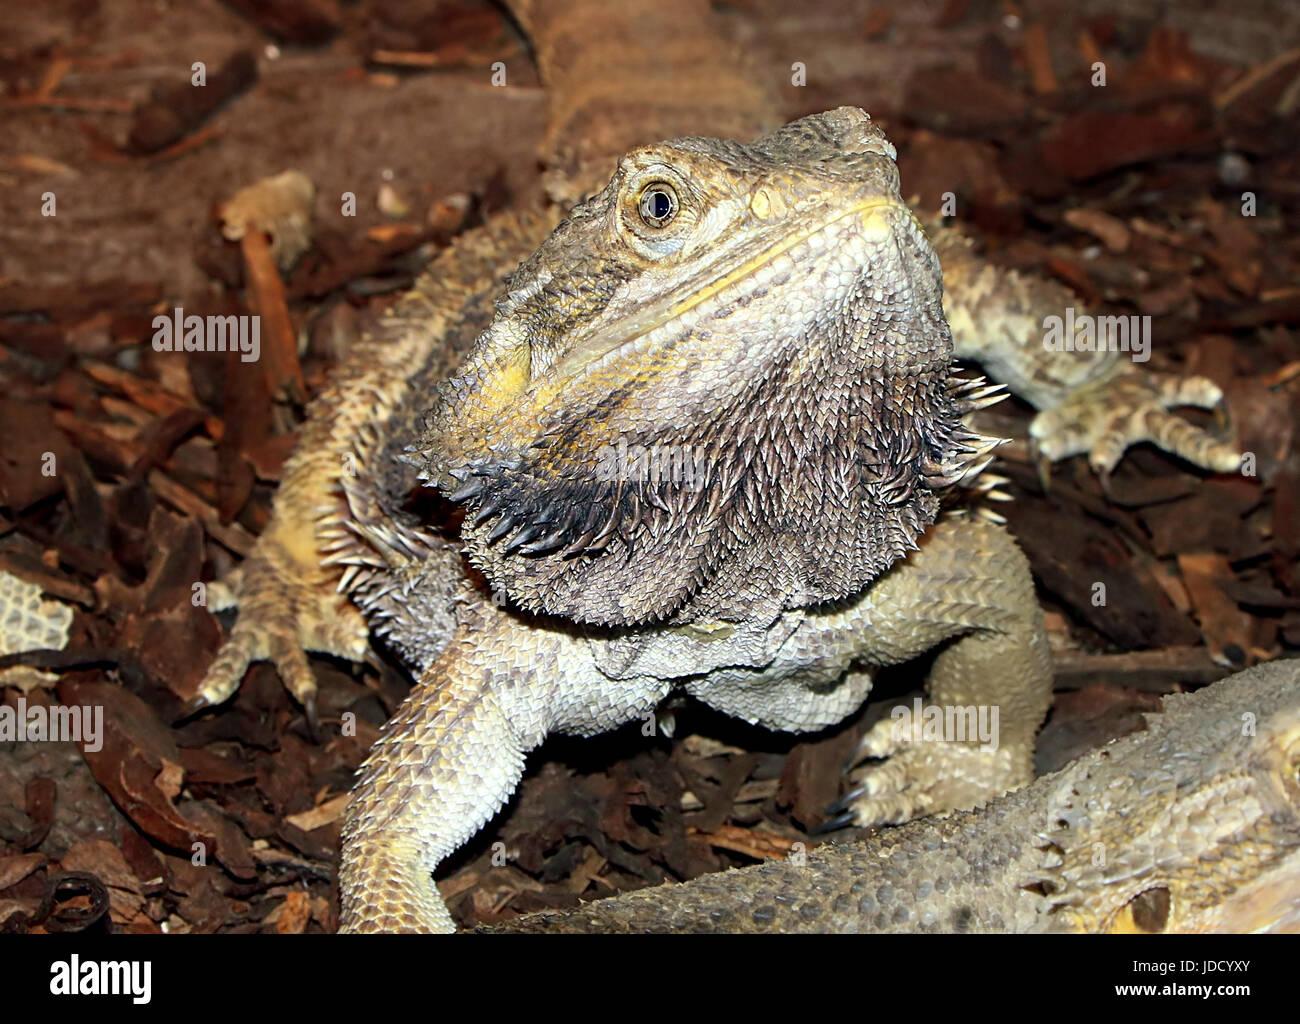 Male Australian Central bearded dragon (Pogona vitticeps). - Stock Image